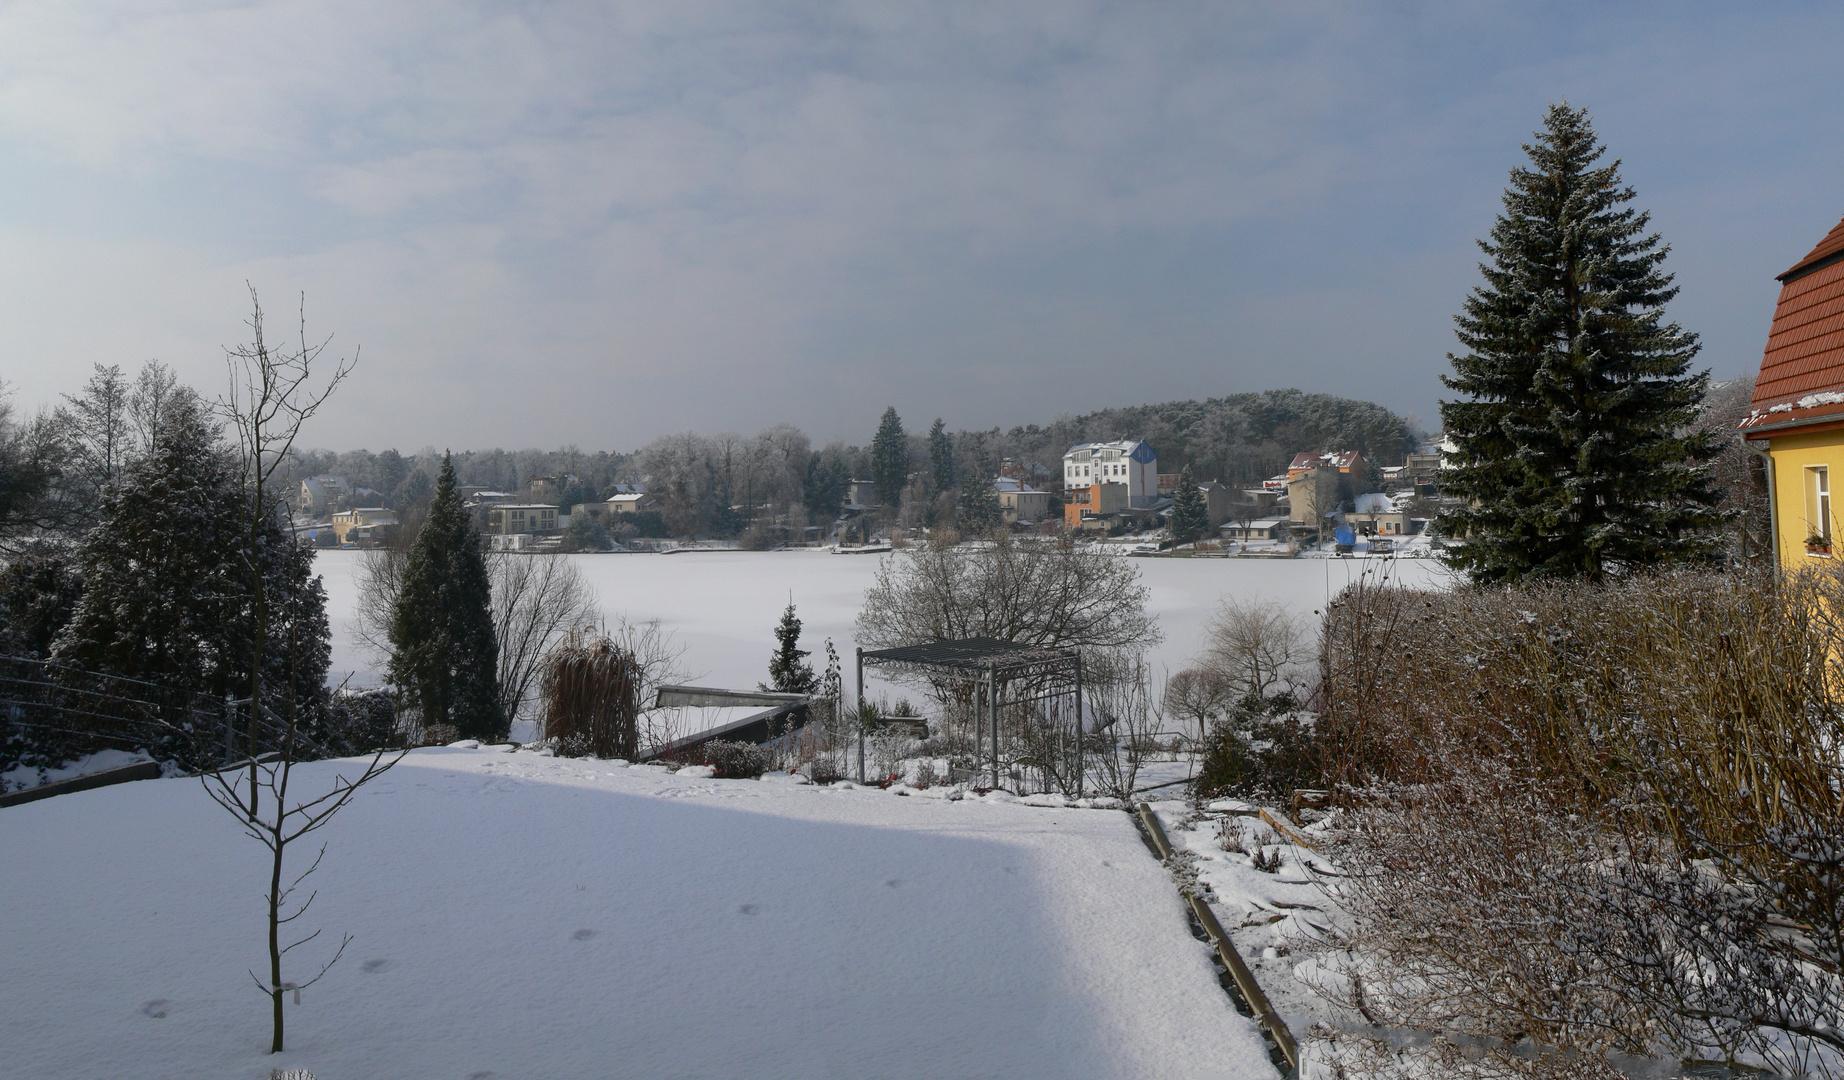 Winterpanorama Flakensee